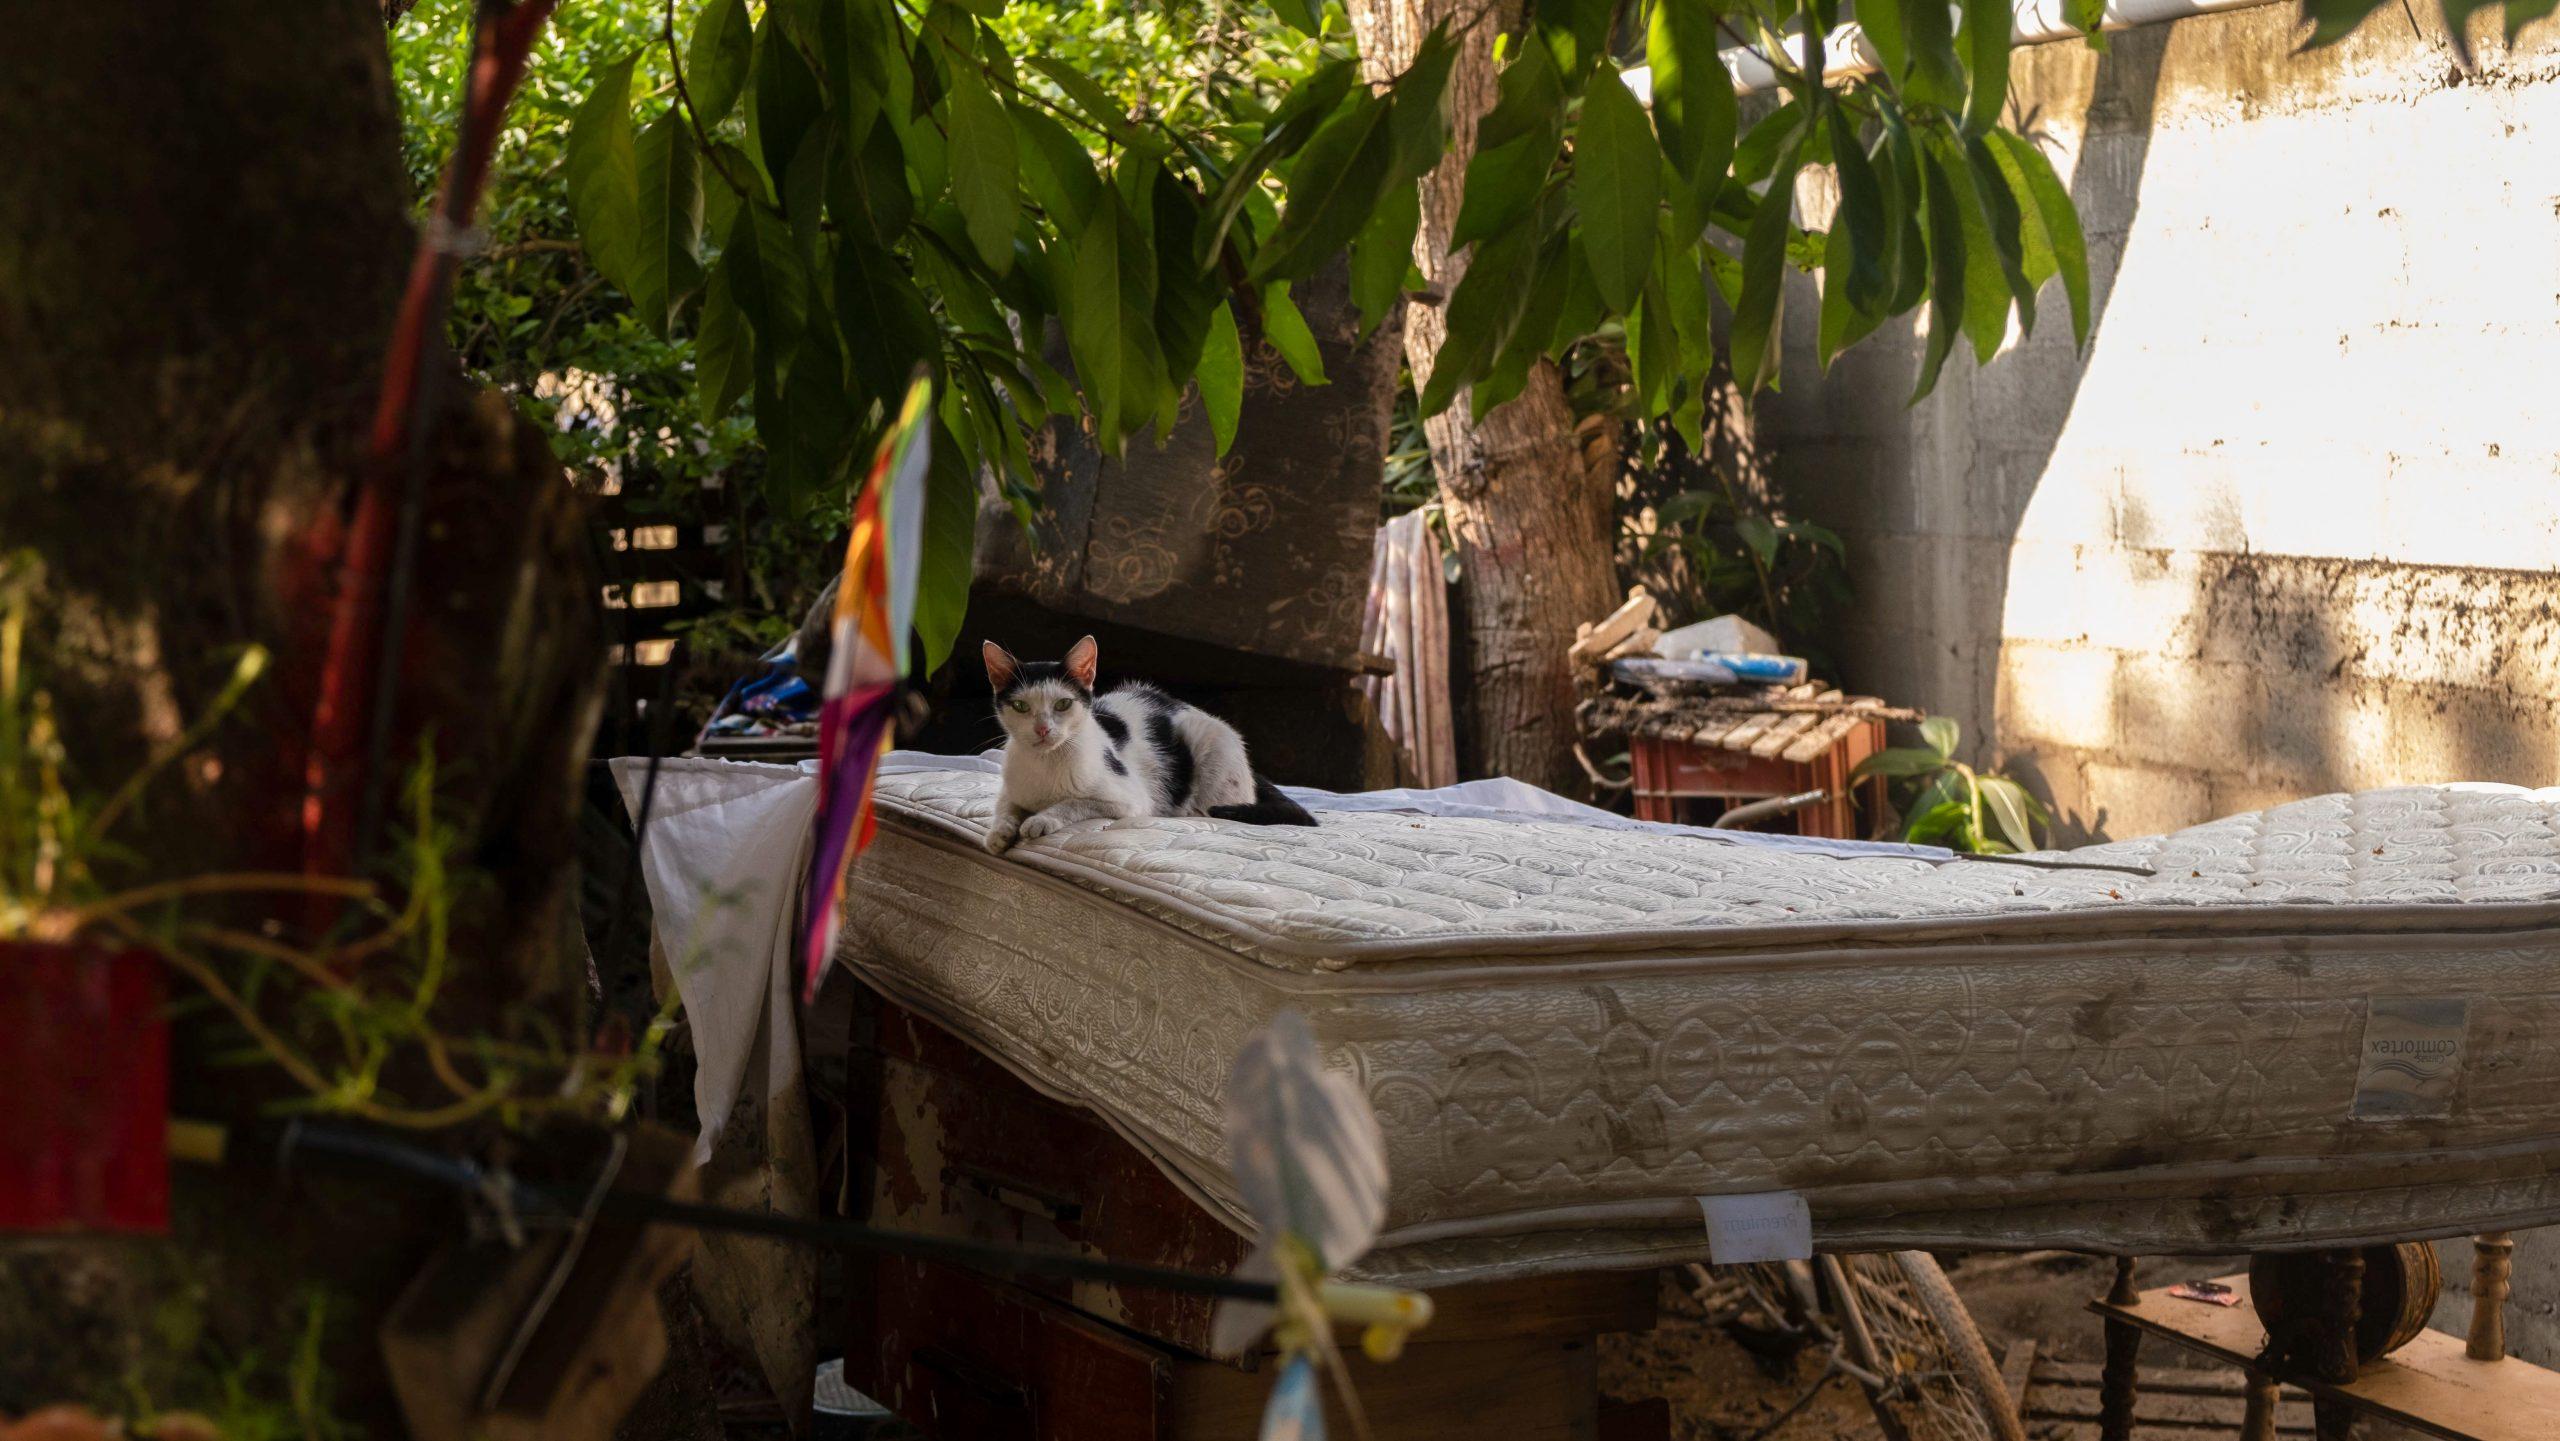 Miles de familias perdieron casi todos sus enseres domésticos por Eta. San Manuel, Cortés, 8 de noviembre de 2020, Foto: Deiby Yanes.